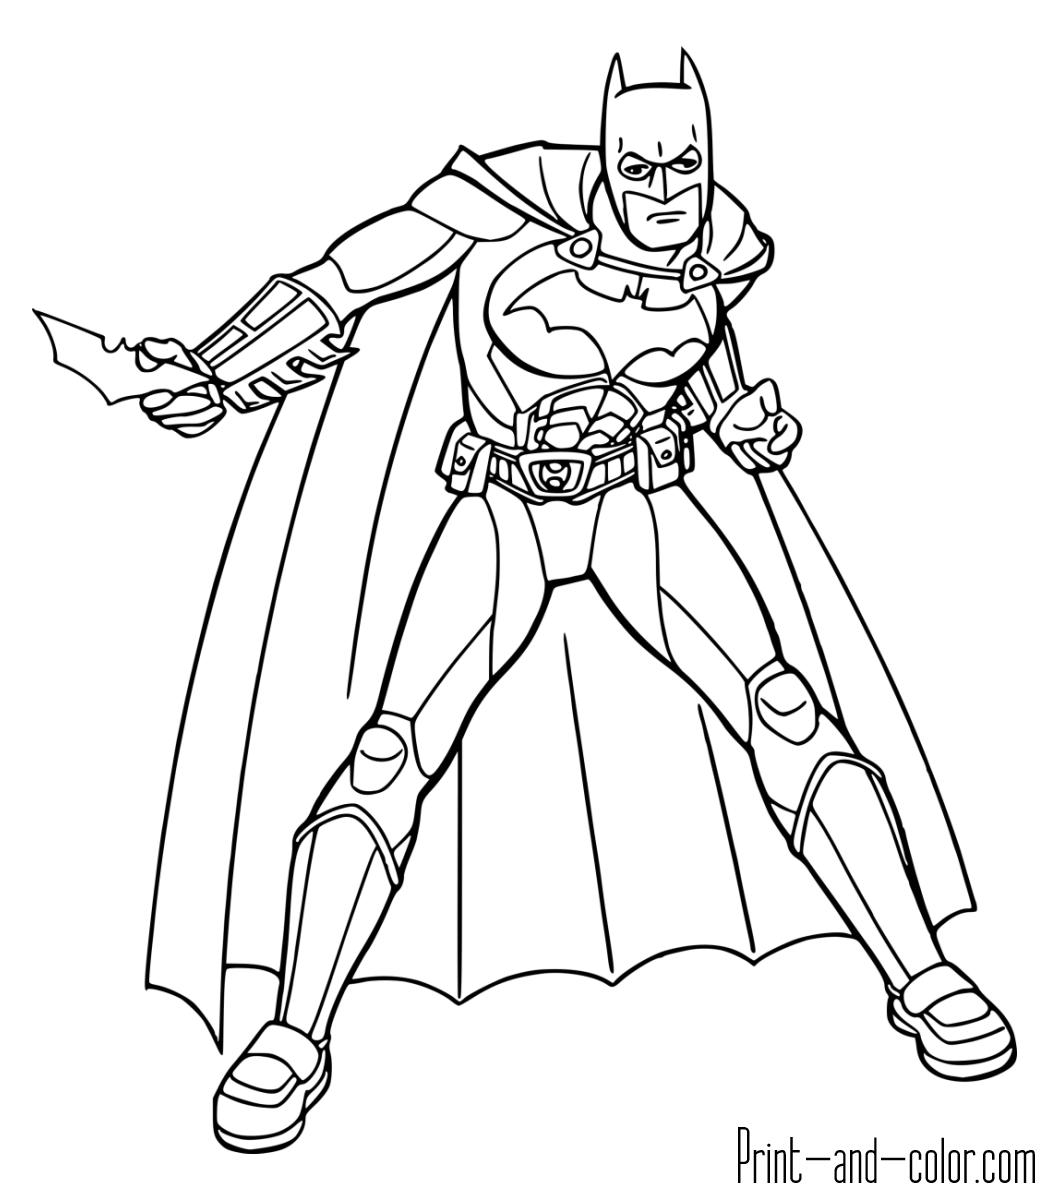 coloring sheets batman batman coloring pictures pages for kids coloring pictures batman sheets coloring